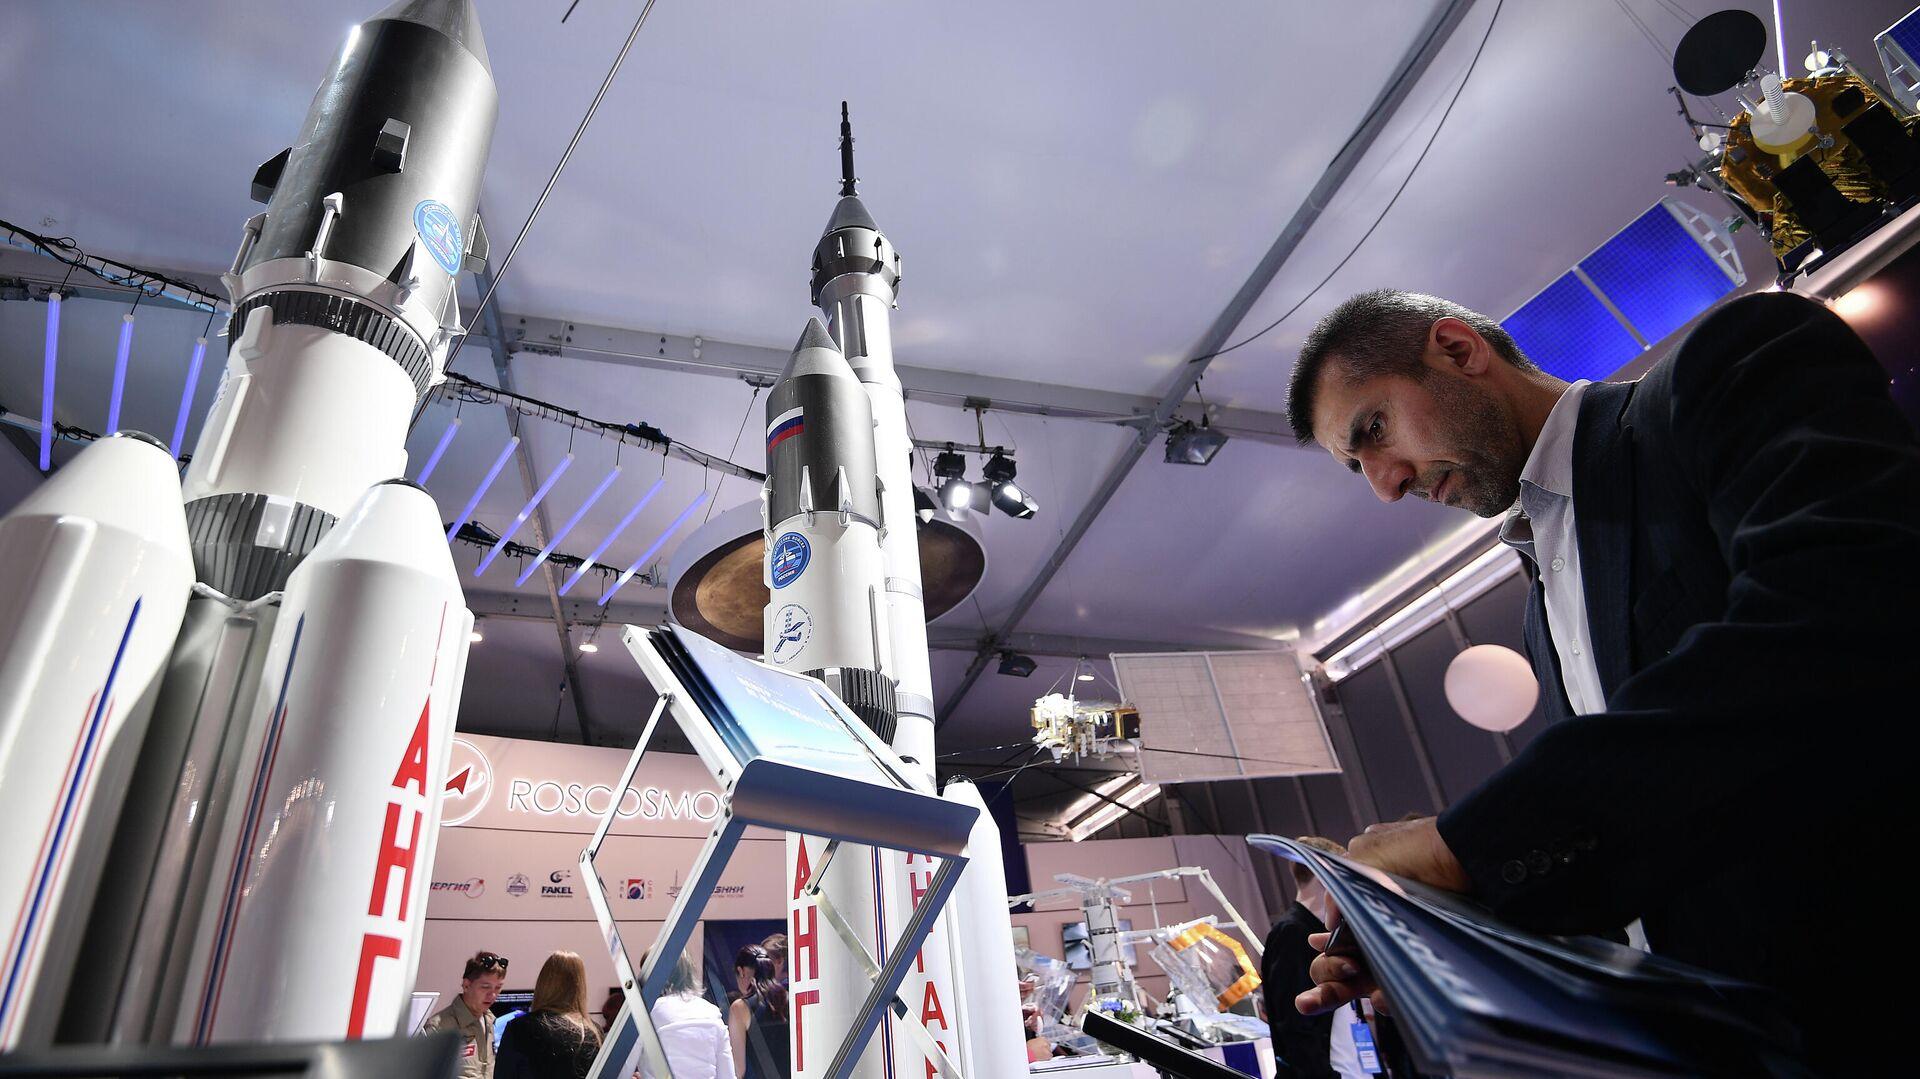 Макеты ракетоносителей Ангара-А5 на стенде Роскосмоса  - РИА Новости, 1920, 15.11.2020